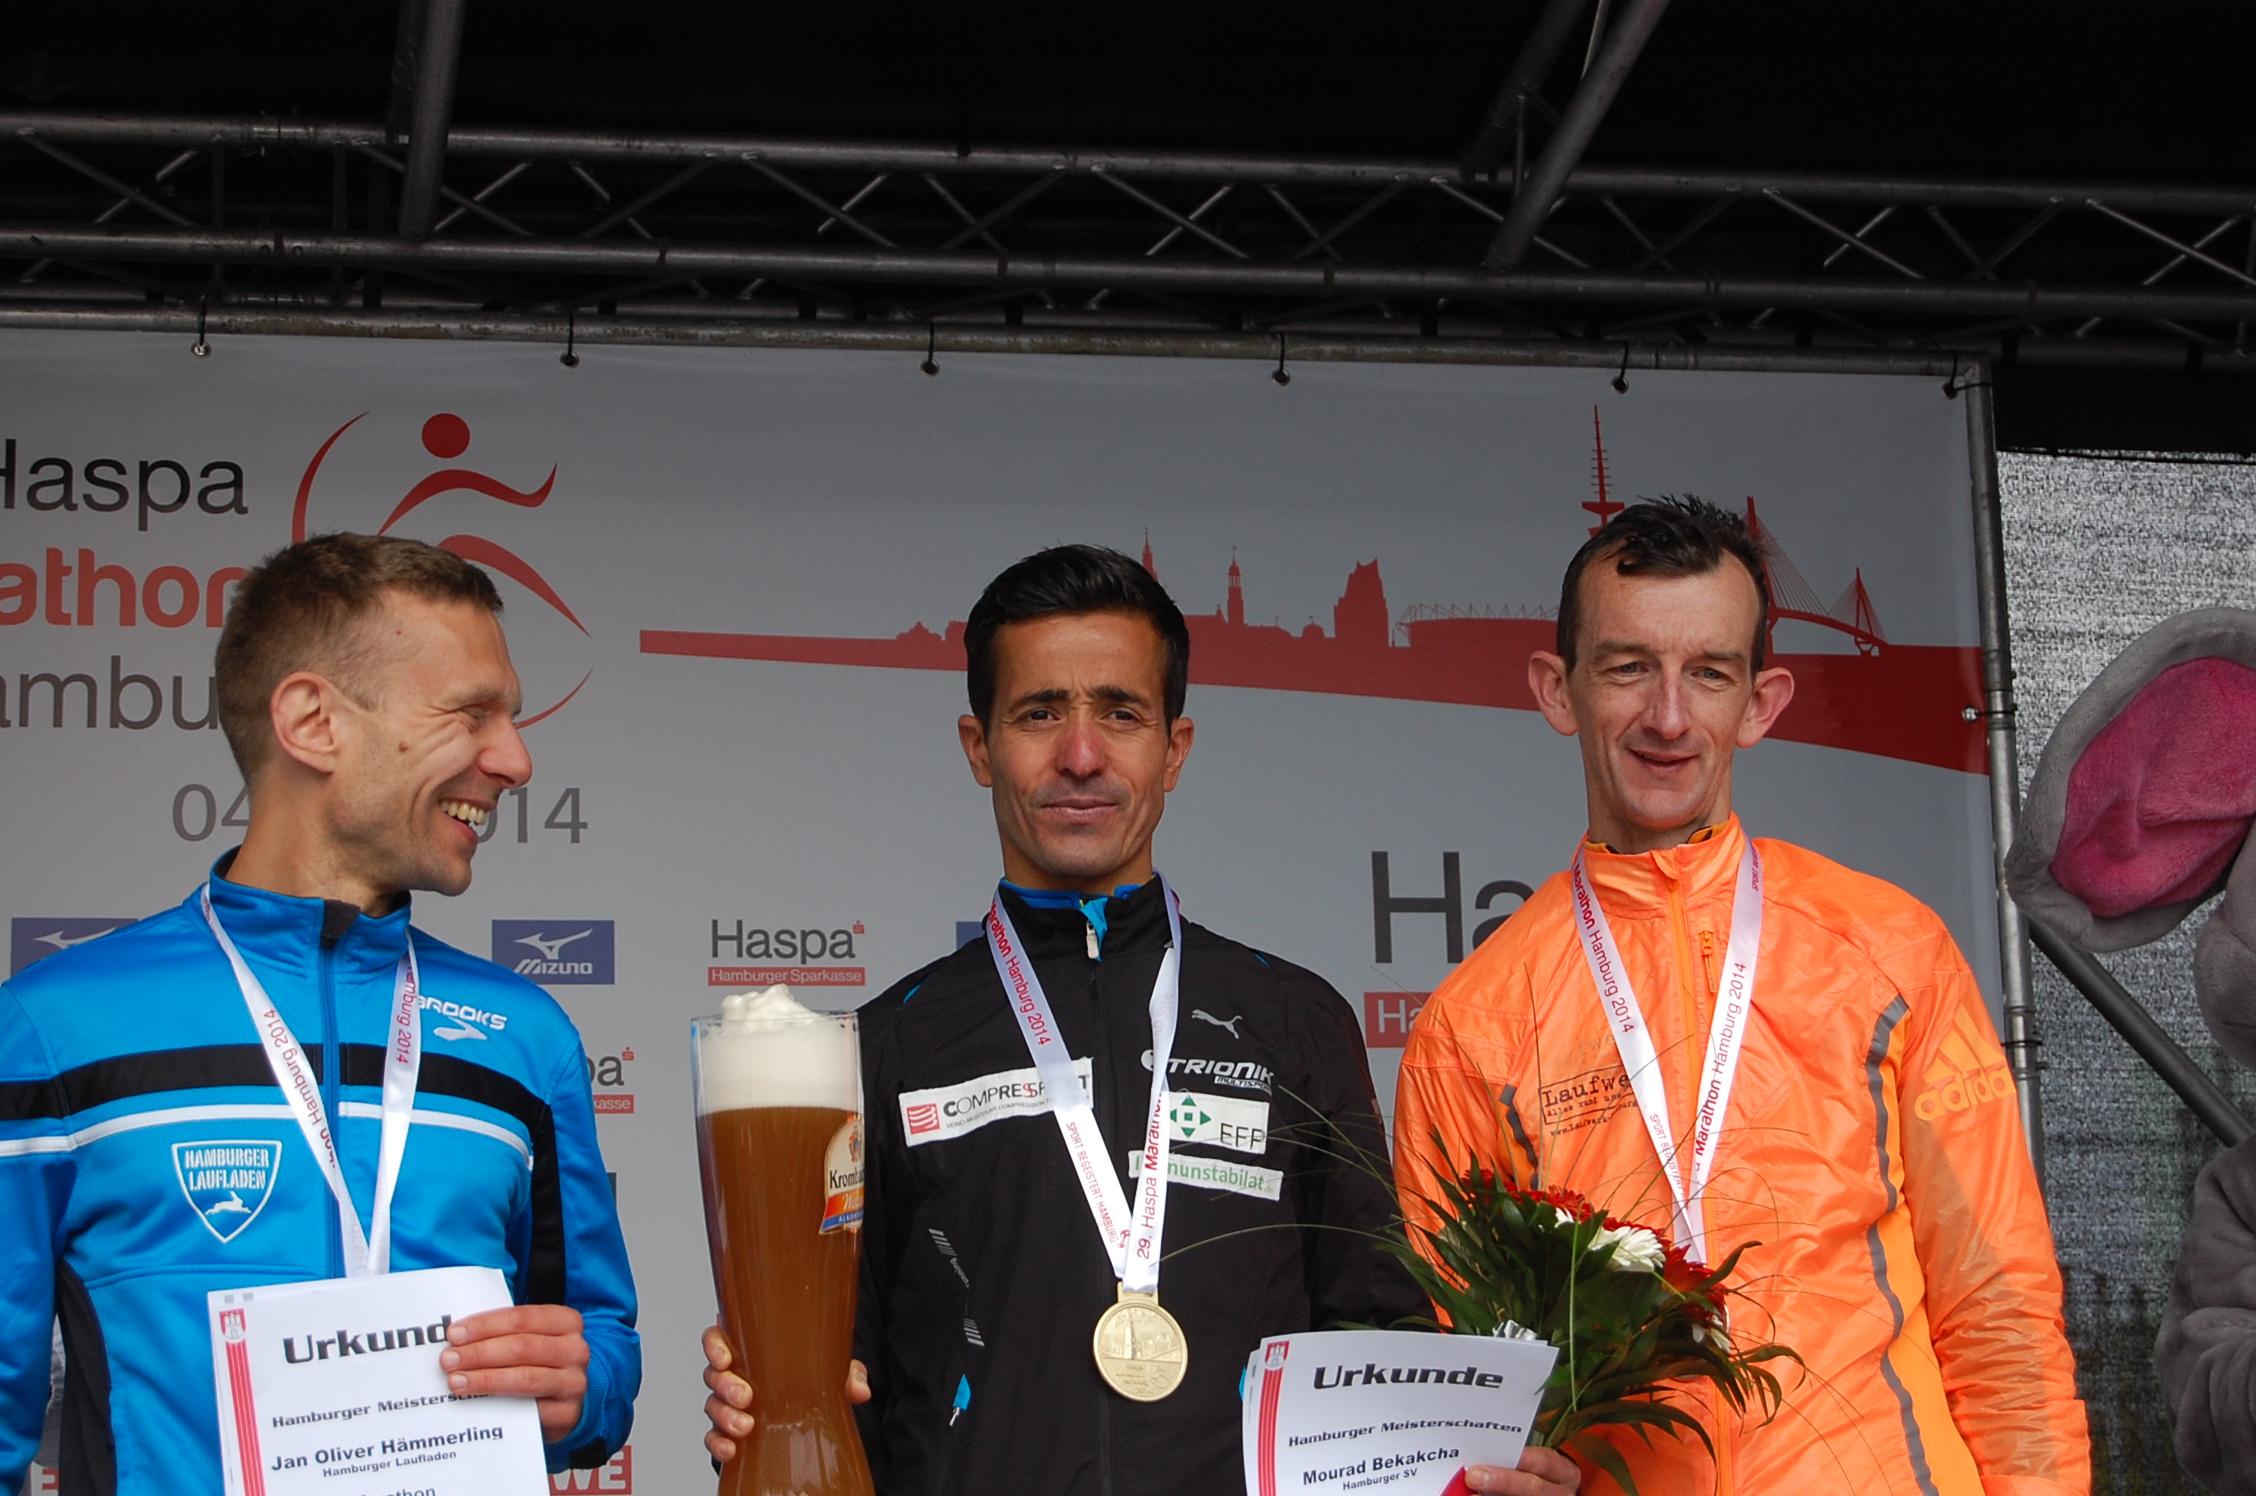 29. Haspa Marathon Hamburg: Siegerehrung Hamburger Meisterschaften